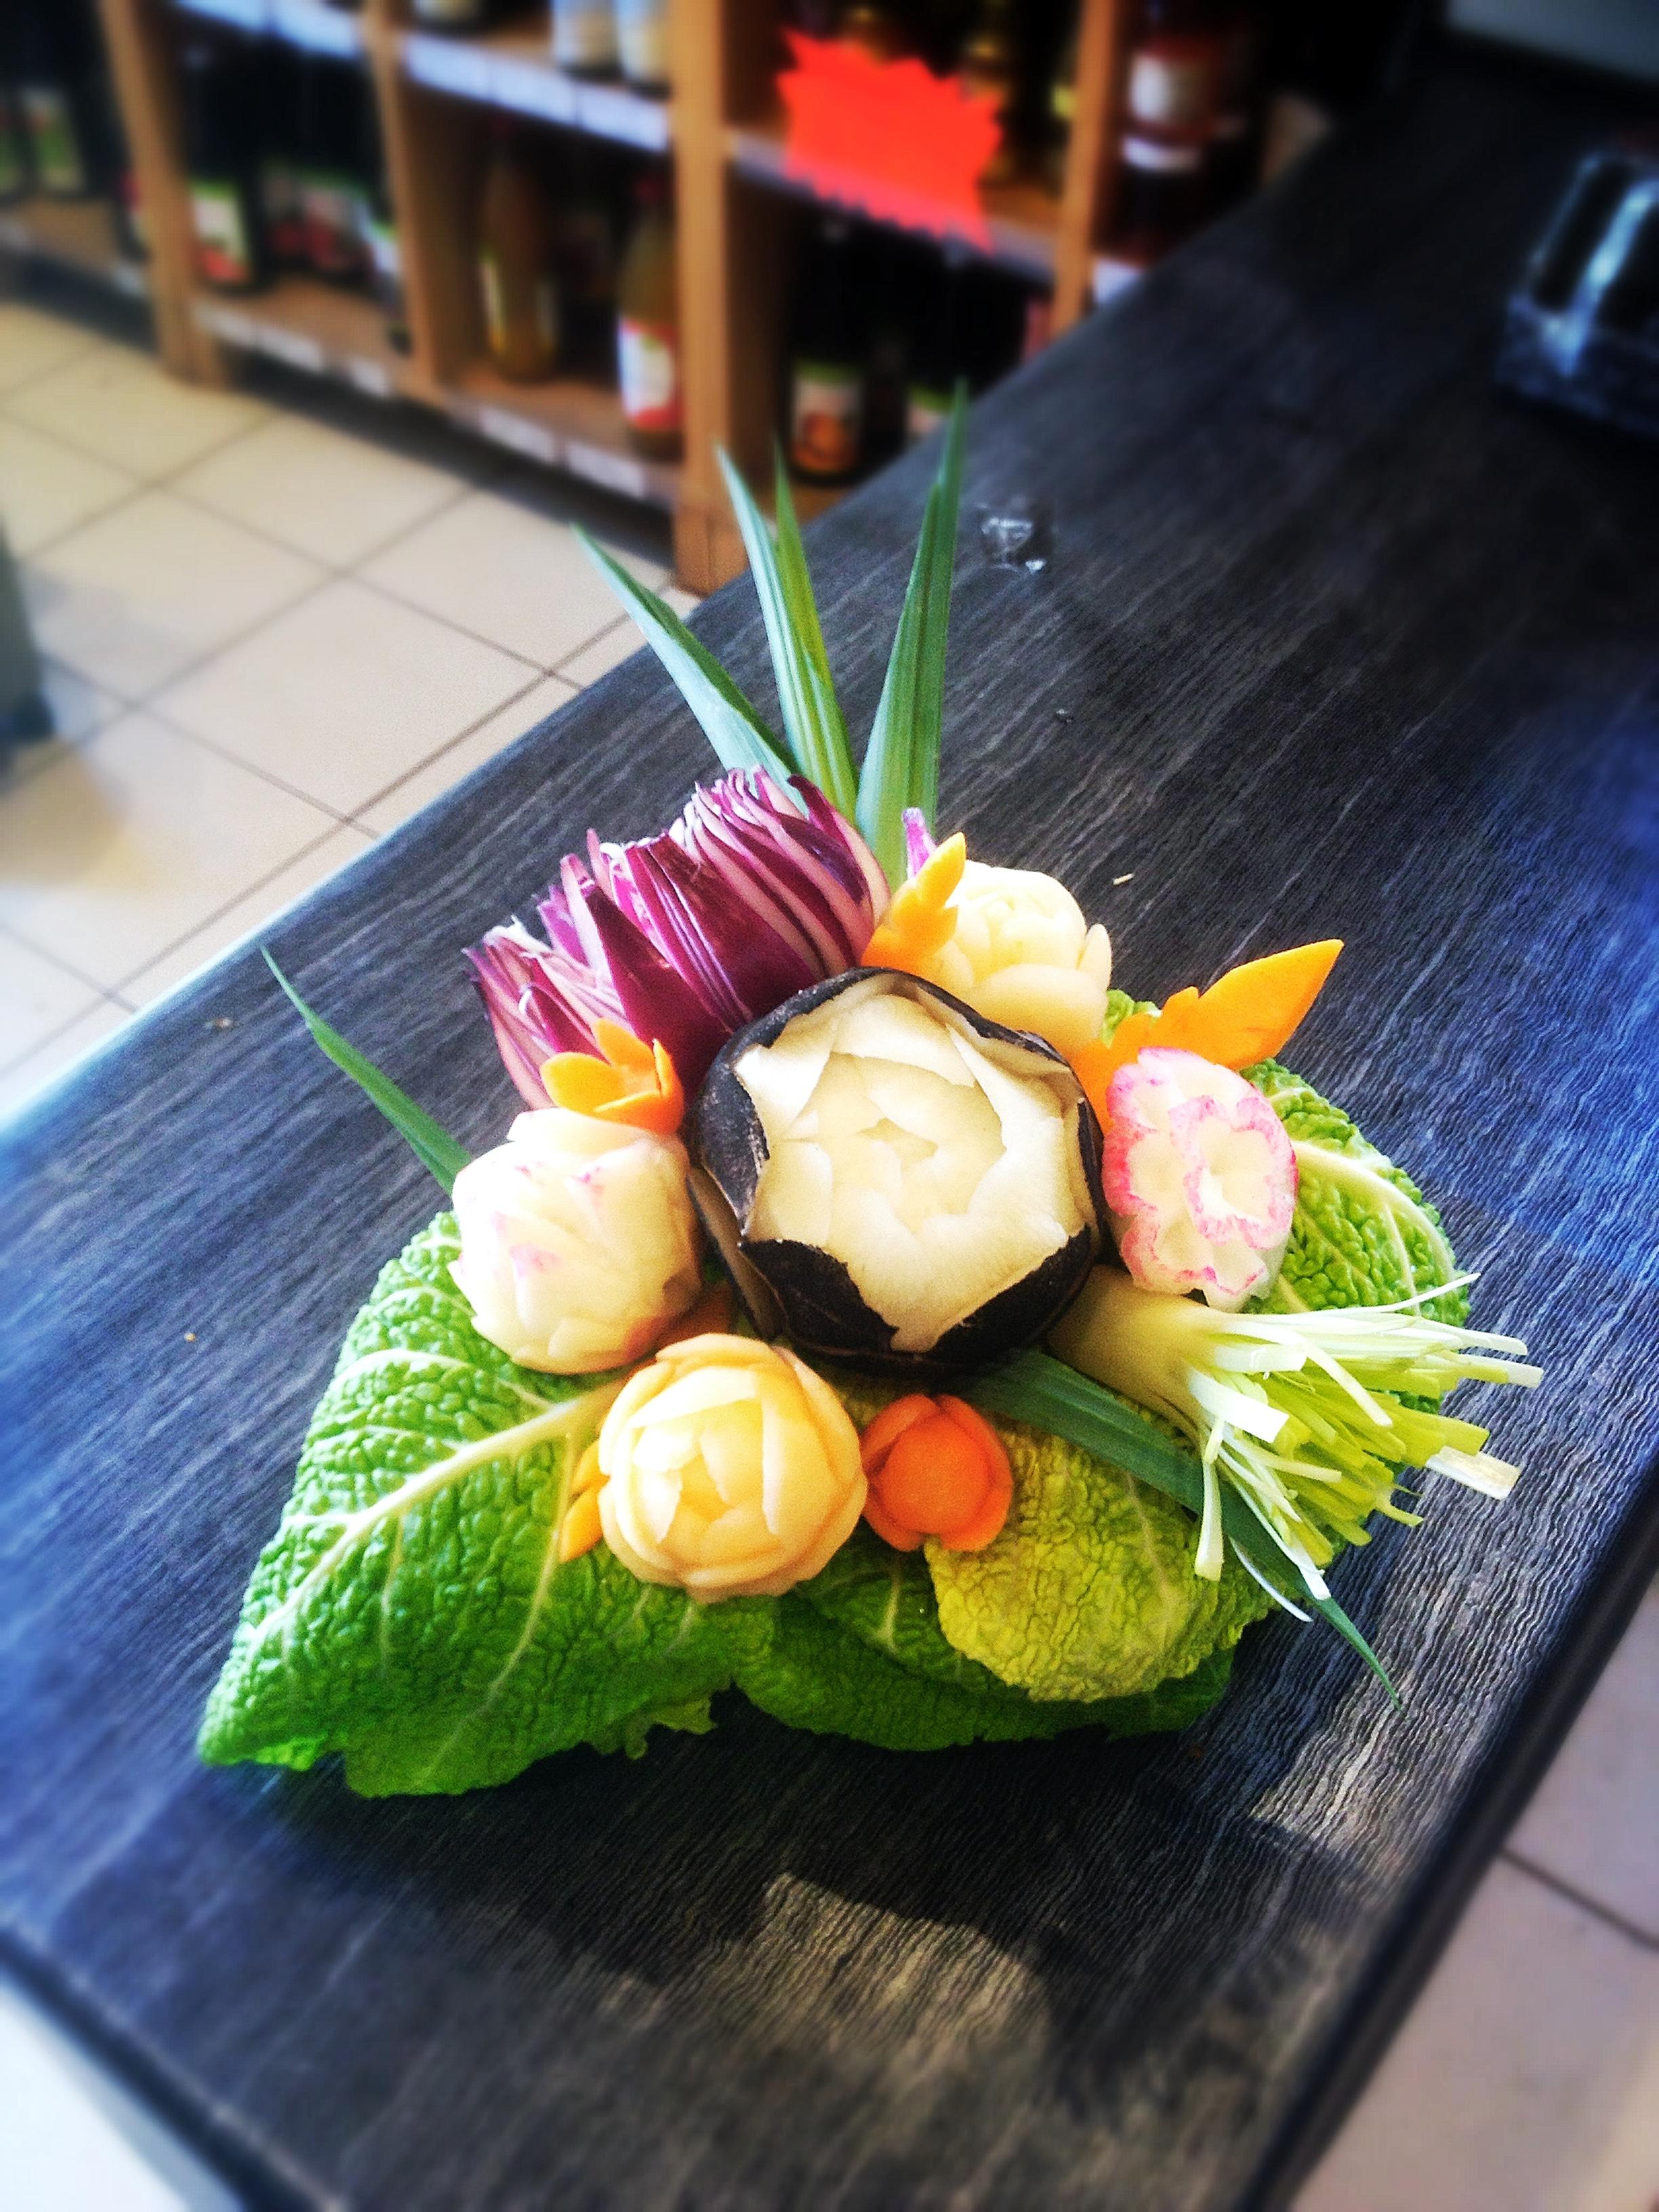 bouquet de légumes